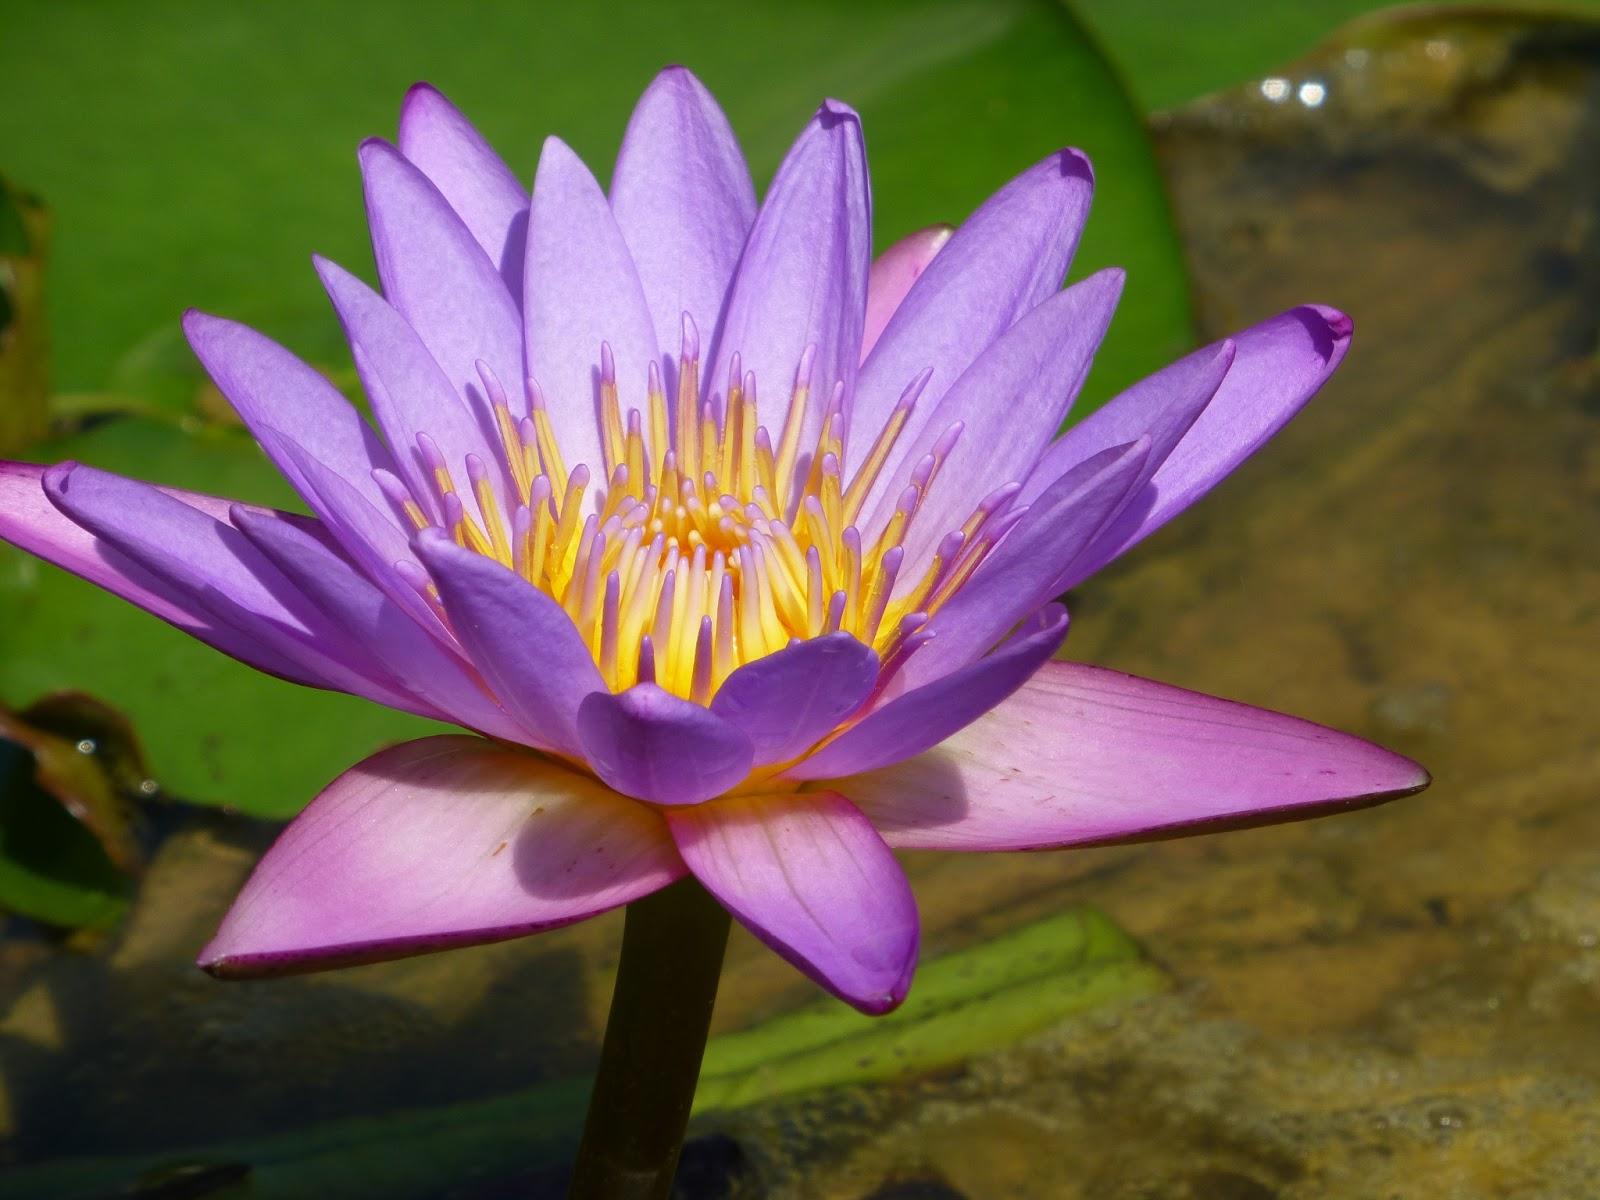 Lotus Flower Eye Disease